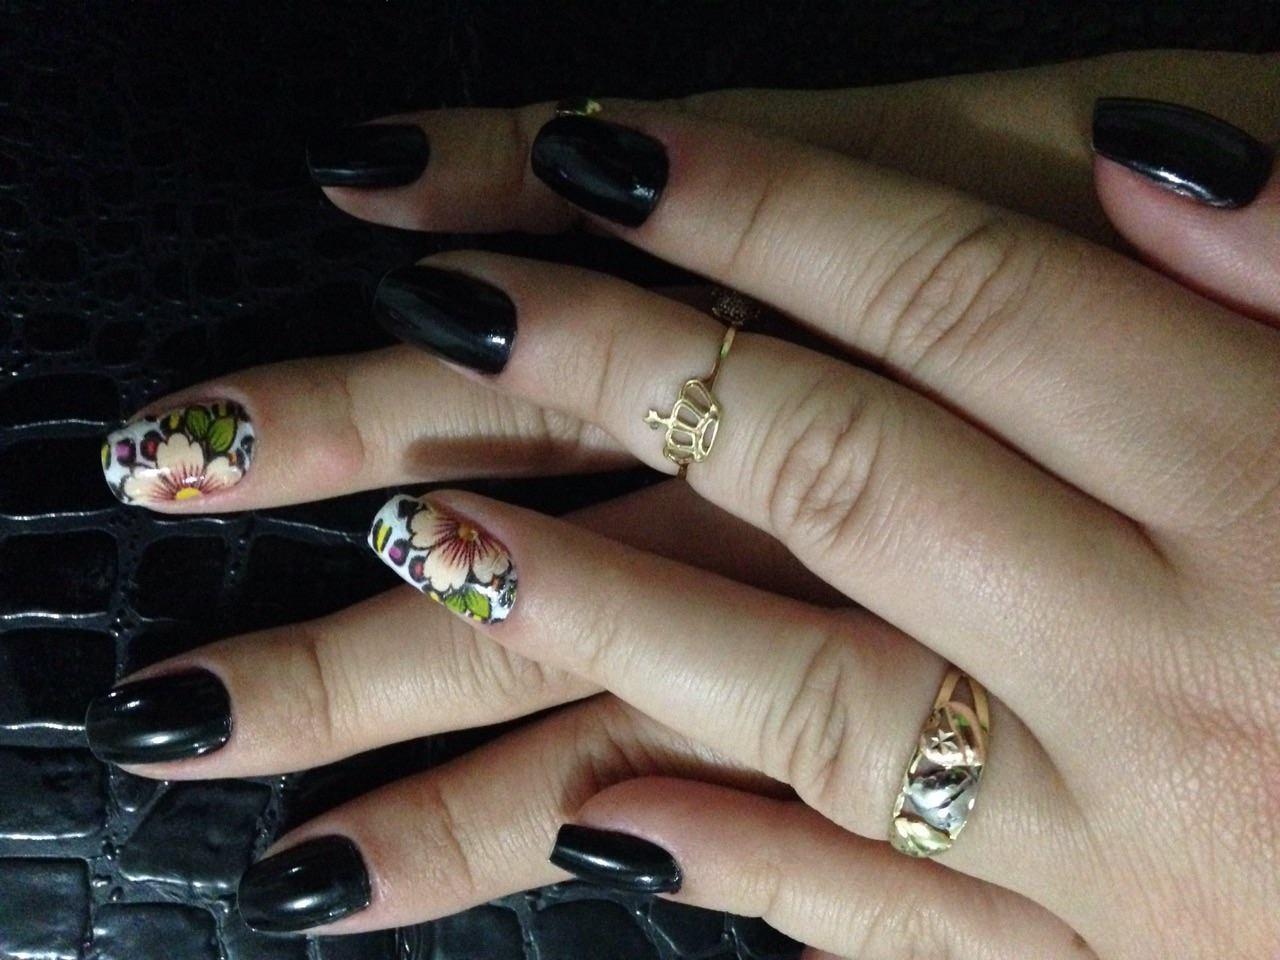 preto com flor, flor, dia-a-dia. unhas  manicure e pedicure maquiador(a) escovista manicure e pedicure maquiador(a) escovista